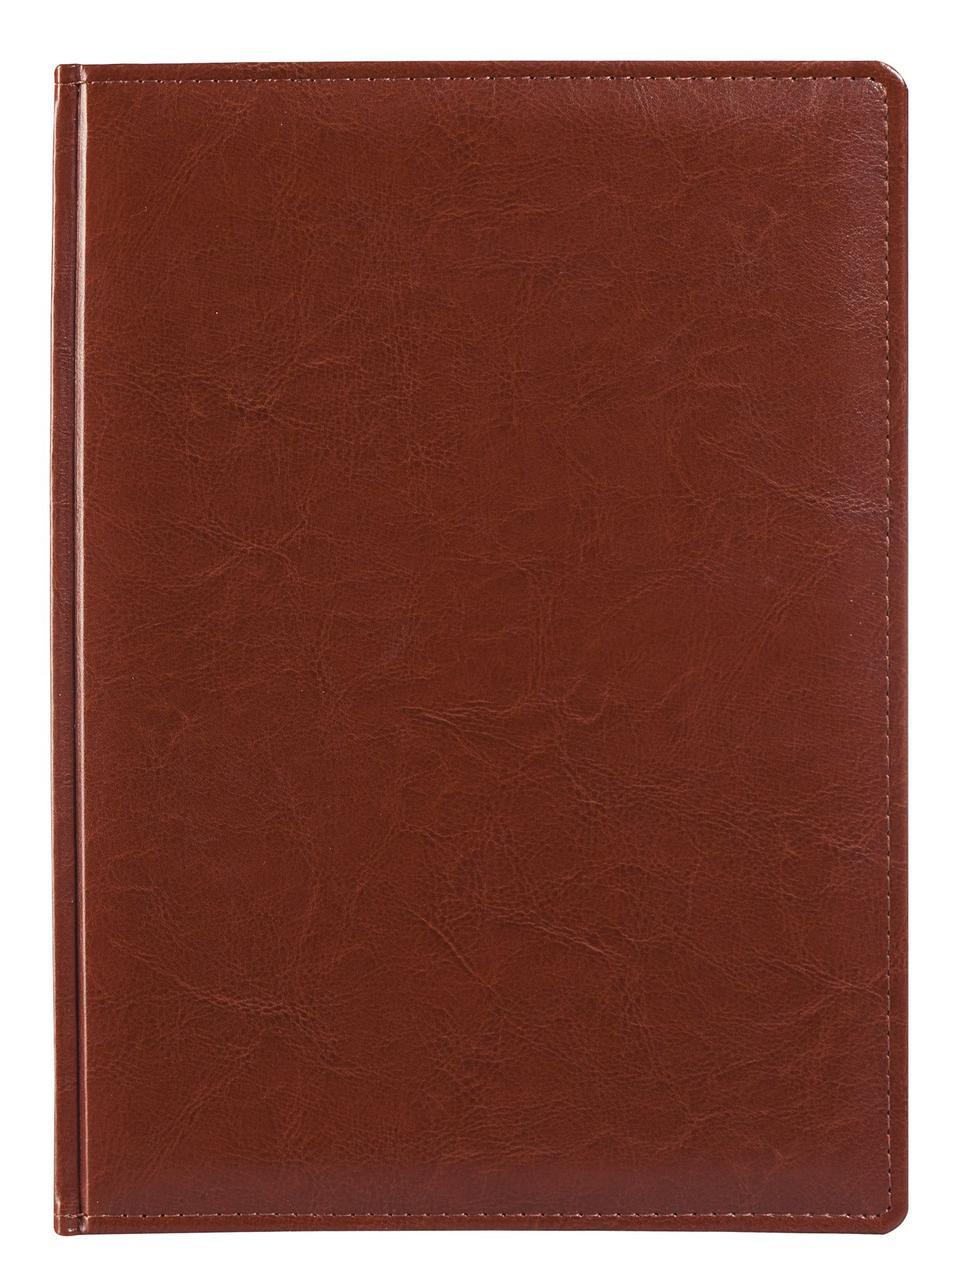 Еженедельник Nebraska, датированный, коричневый (артикул 4845.55)